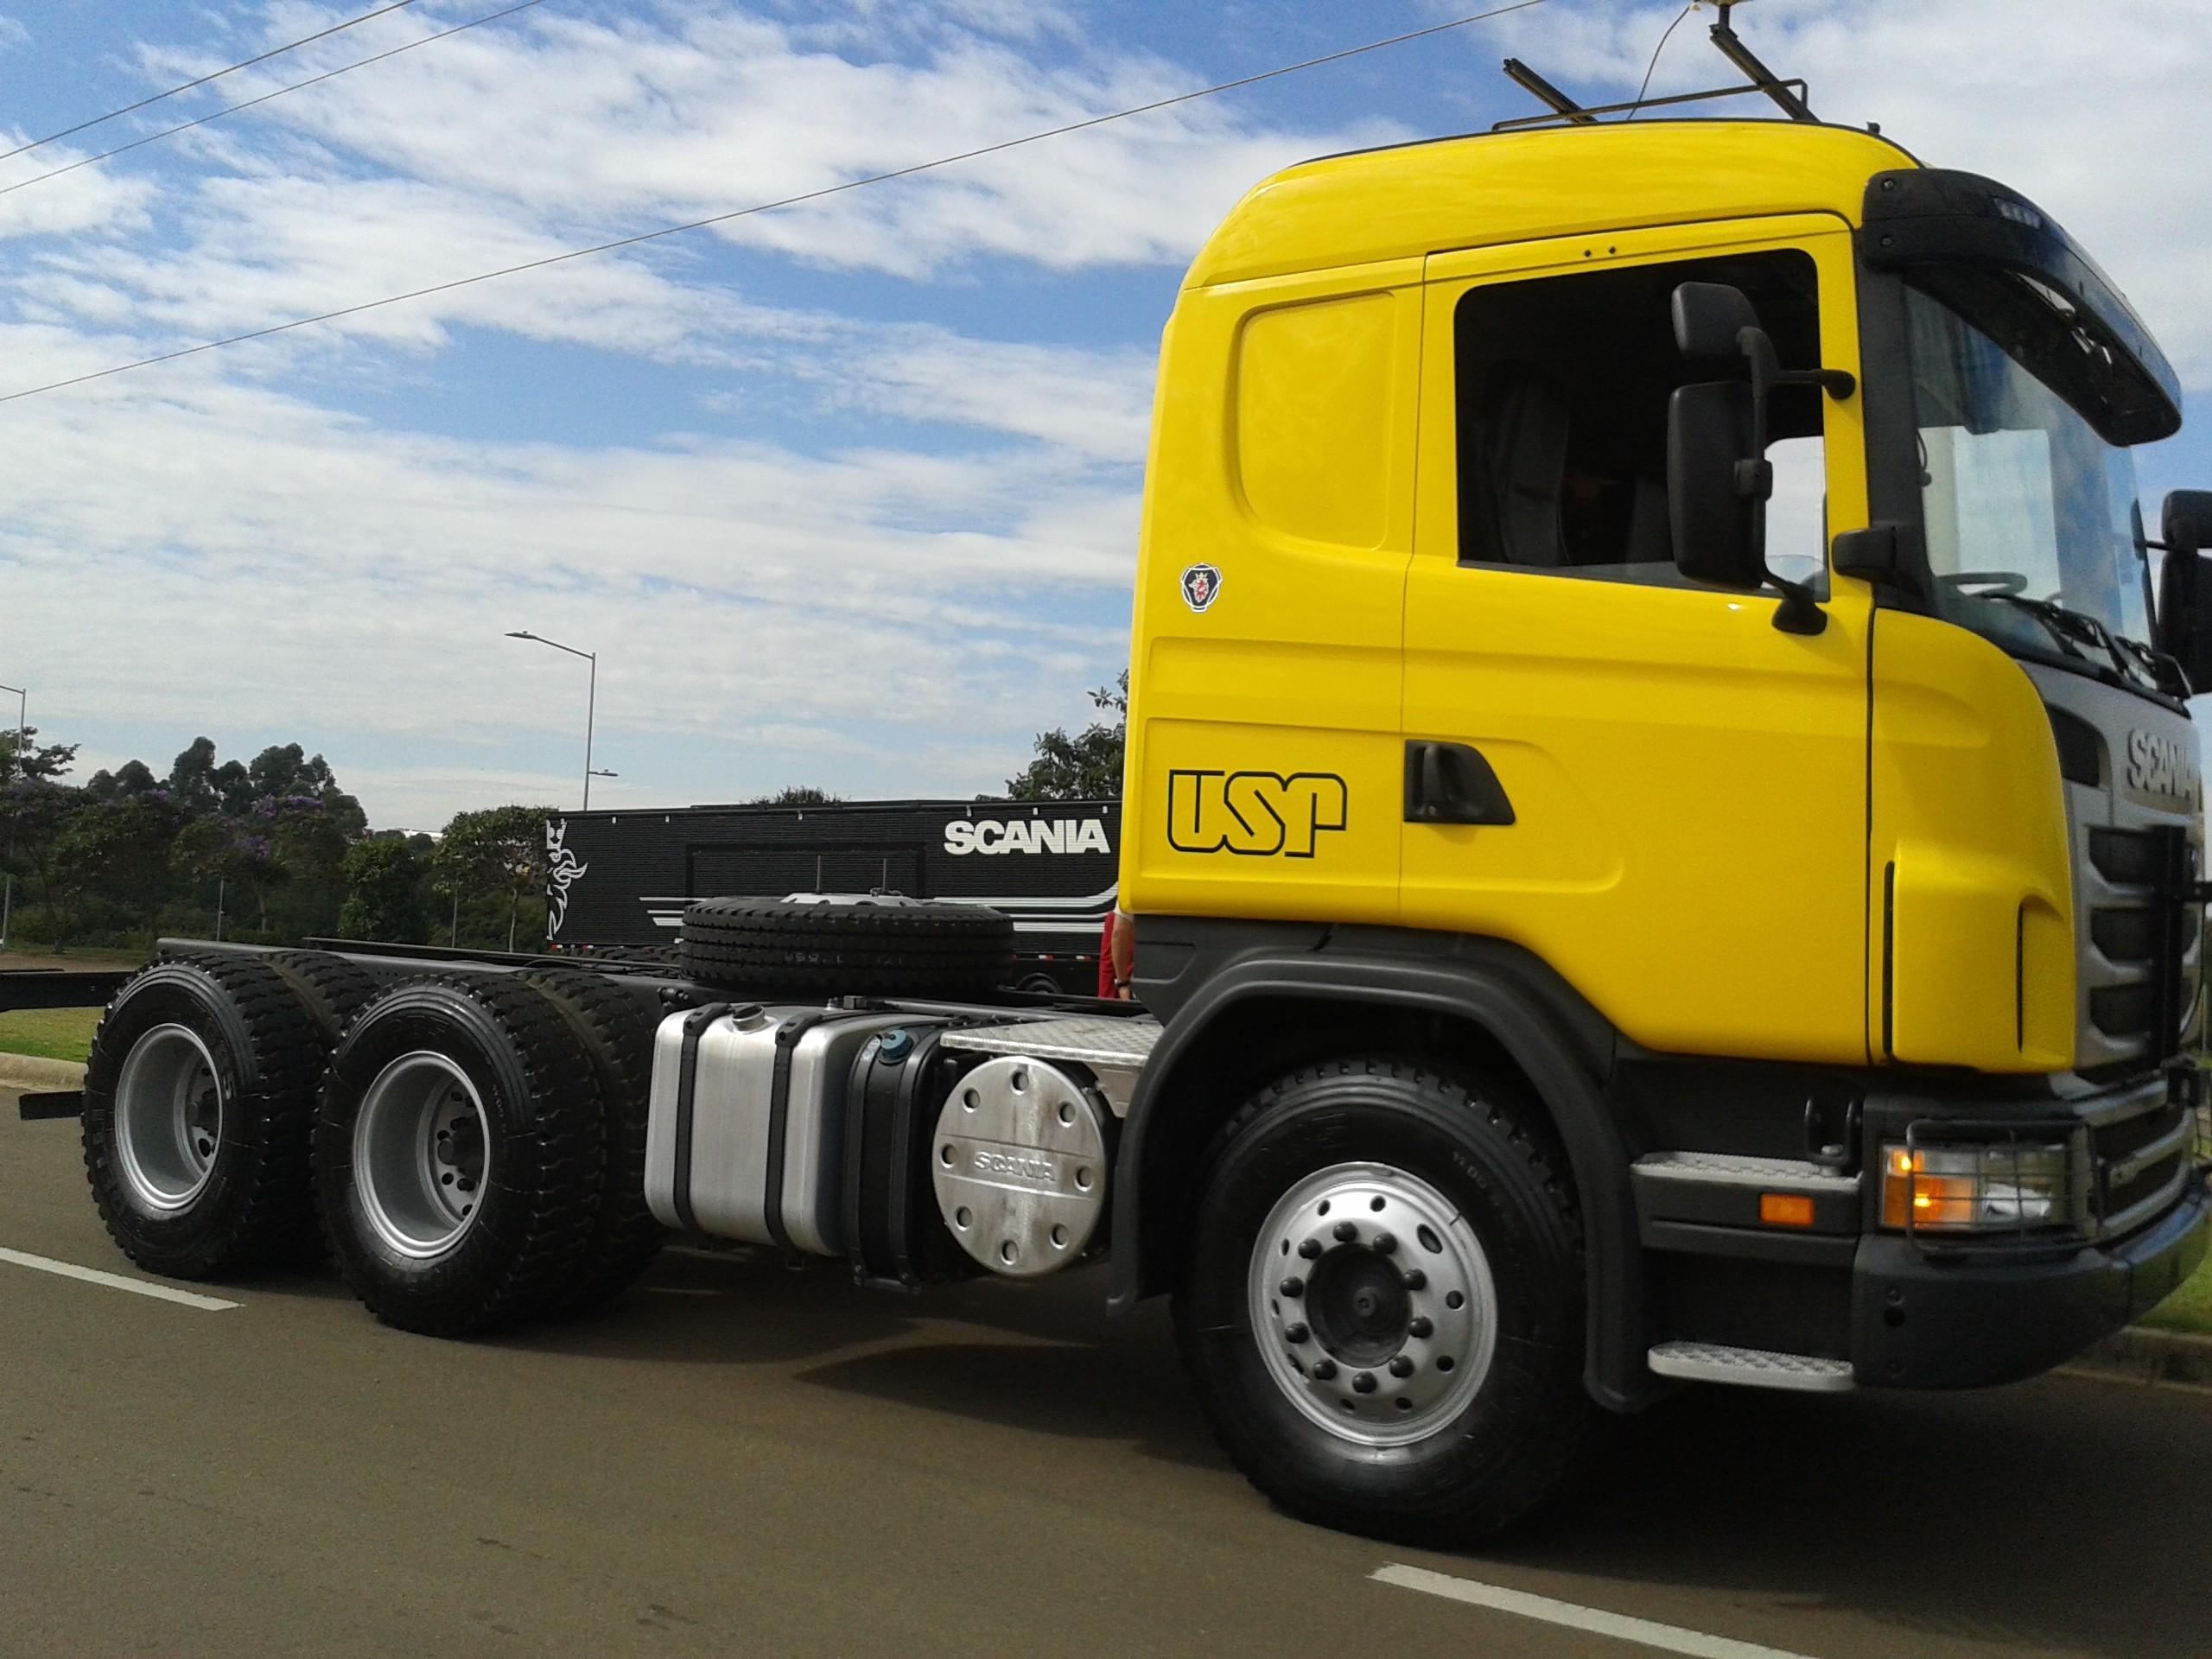 Após dois anos de desenvolvimento, Scania e pesquisadores da USP de São Carlos desenvolveram o protótipo do caminhão autônomo (Foto: Isabela Moreira)